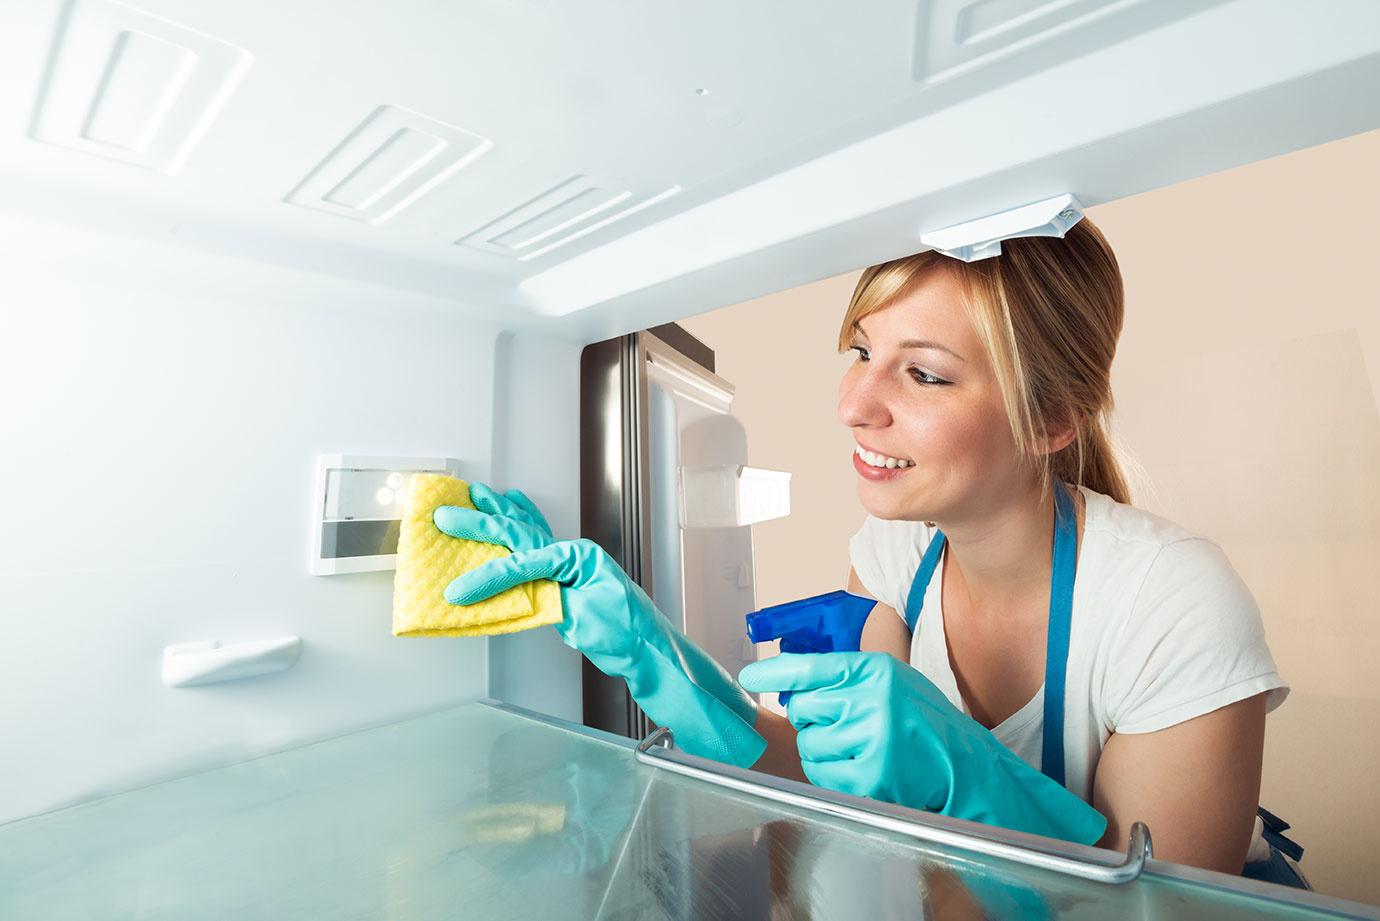 無水エタノールはしつこい油汚れやカビ落としに効果的!掃除に活用する方法5個